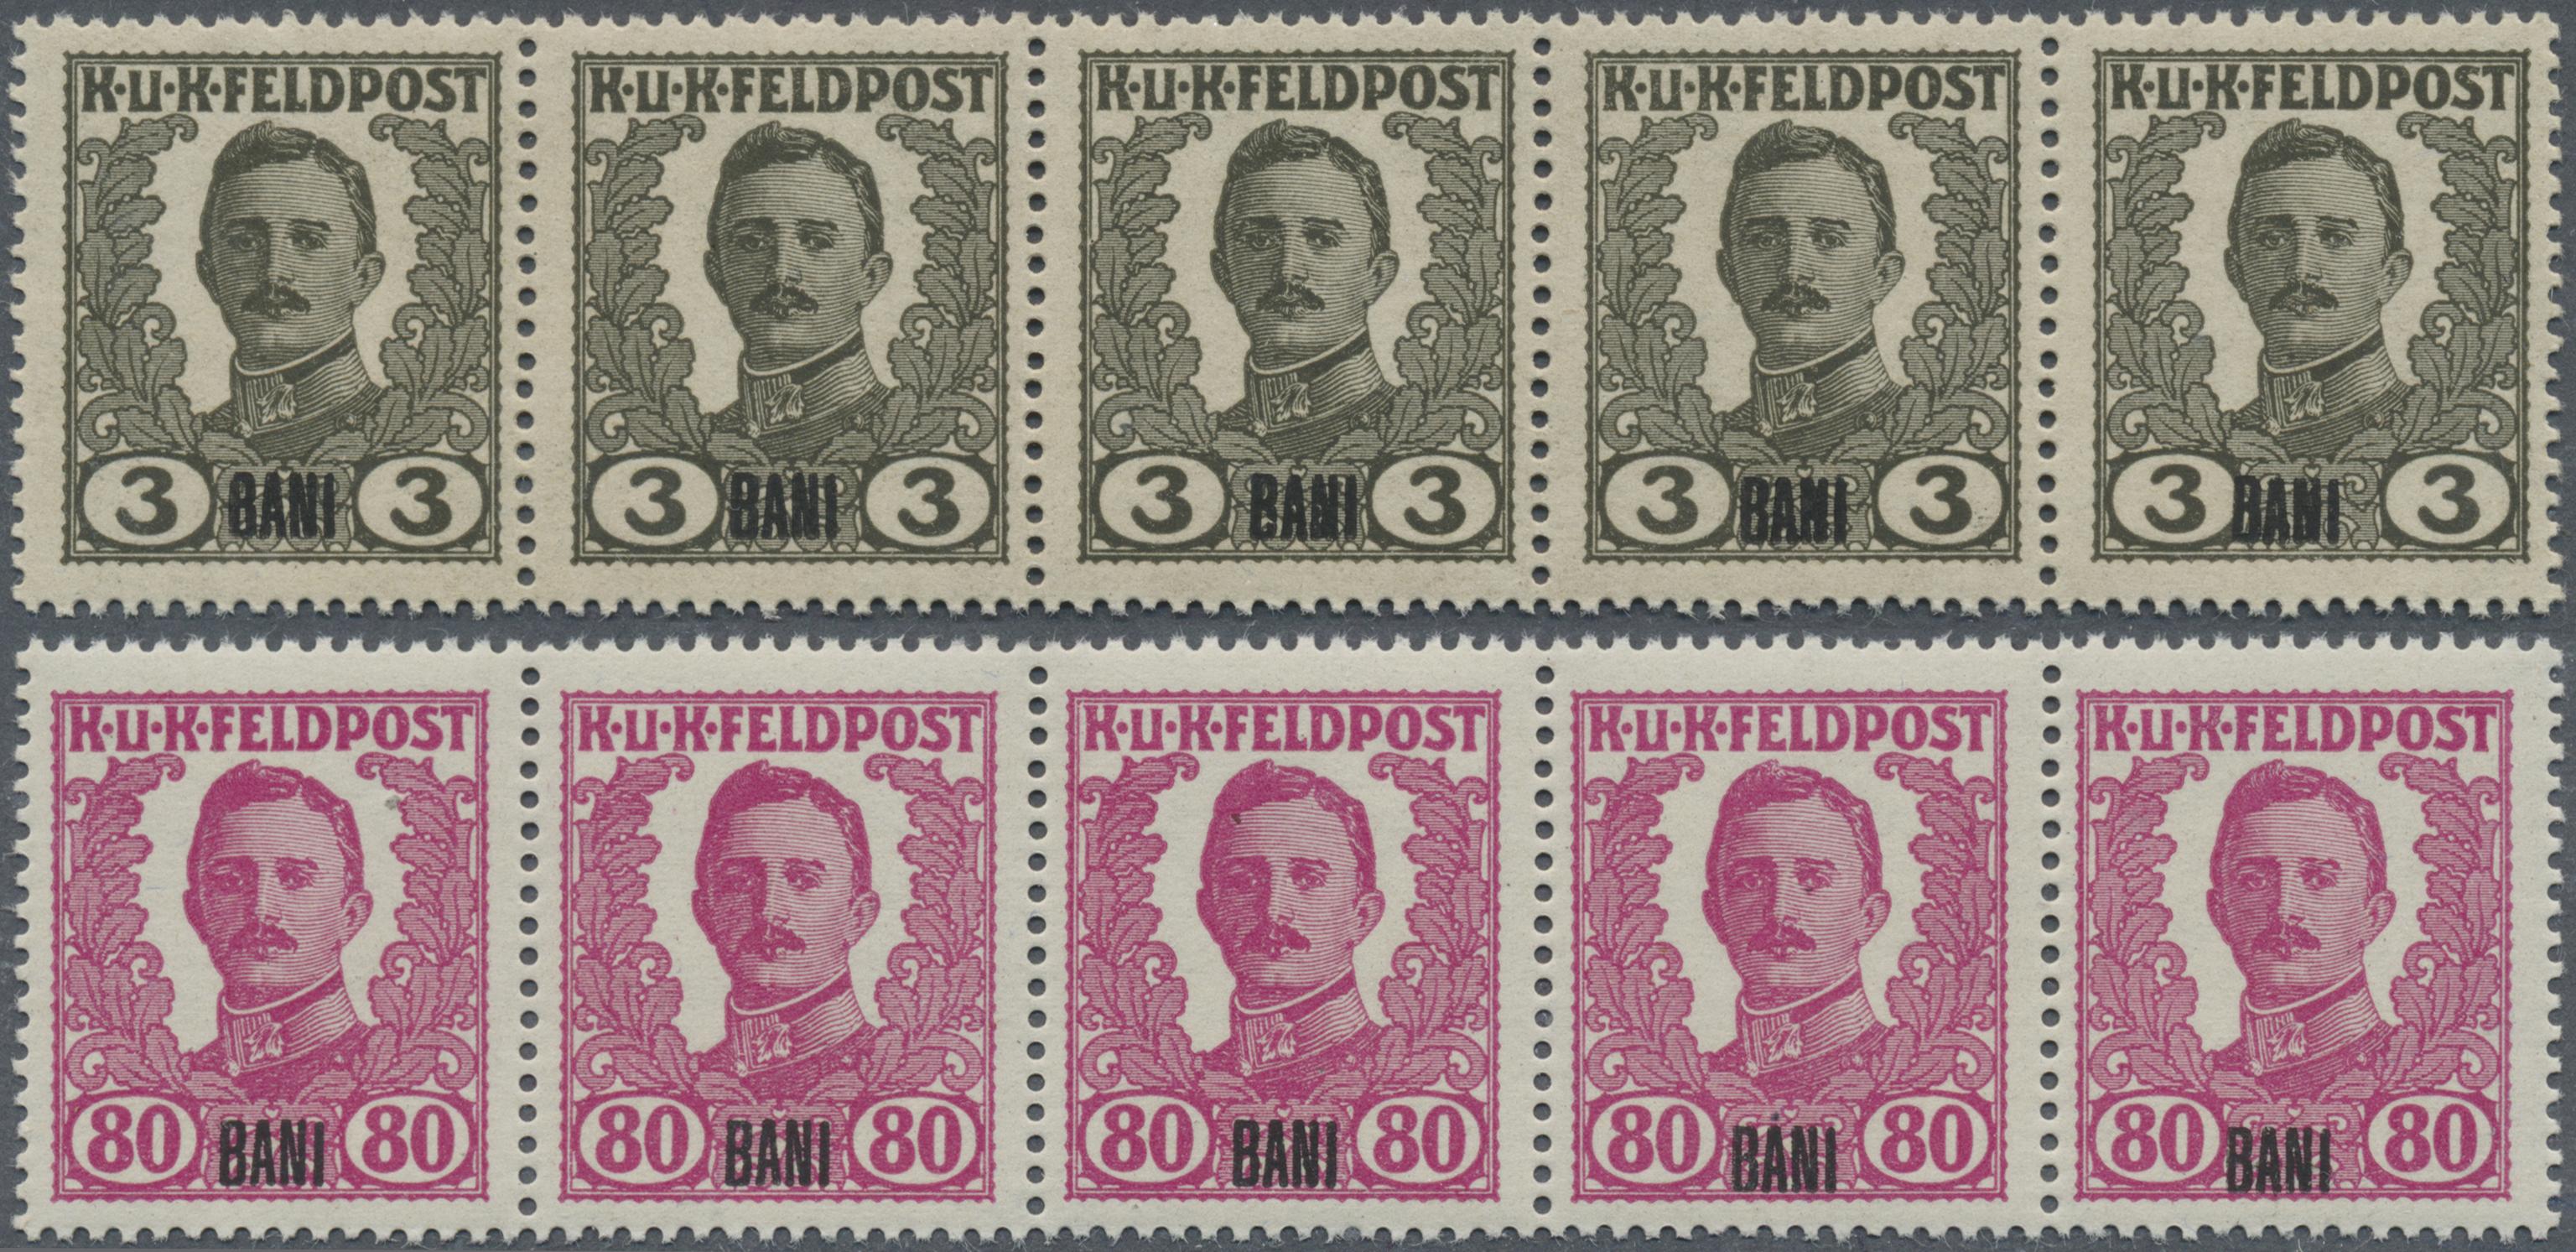 Lot 18357 - Österreichisch-Ungarische Feldpost - Rumänien  -  Auktionshaus Christoph Gärtner GmbH & Co. KG Sale #48 collections Overseas  Airmail / Ship mail & Thematics